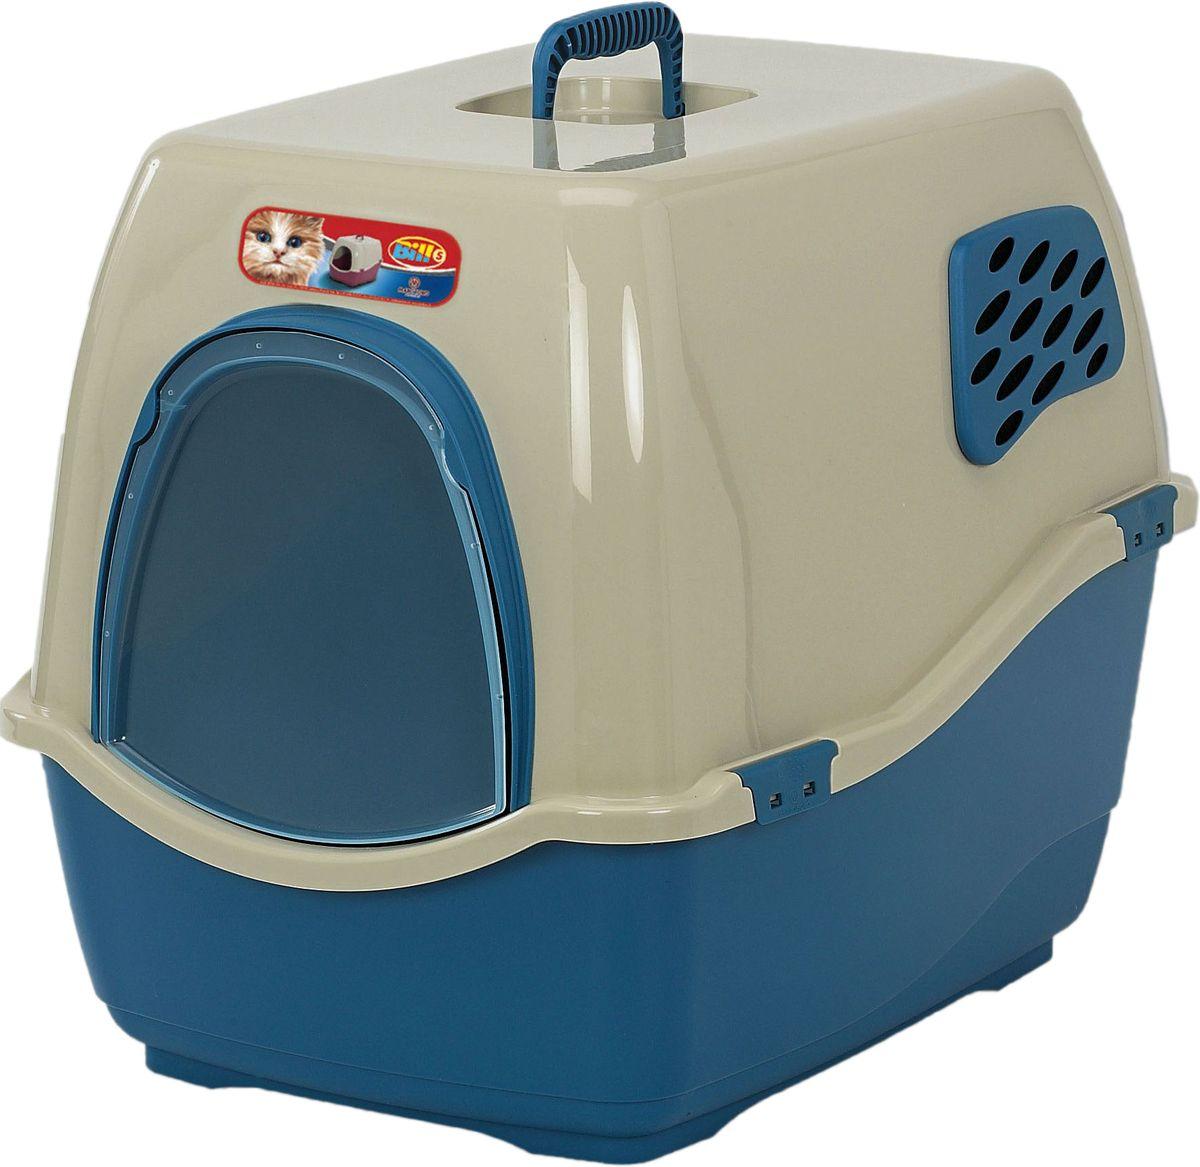 Био-туалет Marchioro Bill 1F, цвет: синий, бежевый, 50 х 40 х 42 см0120710Marchioro био-туалет BILL 1F. Закрытый туалет с угольным фильтром препятствует распространению неприятных запахов.Подвижная передняя створка позволяет животному самостоятельно пользоваться туалетом.В комплект также входит фильтр, дверка и ручка. Фильтр необходимо менять каждые 3-6 месяцев. Размер 50х40х42.